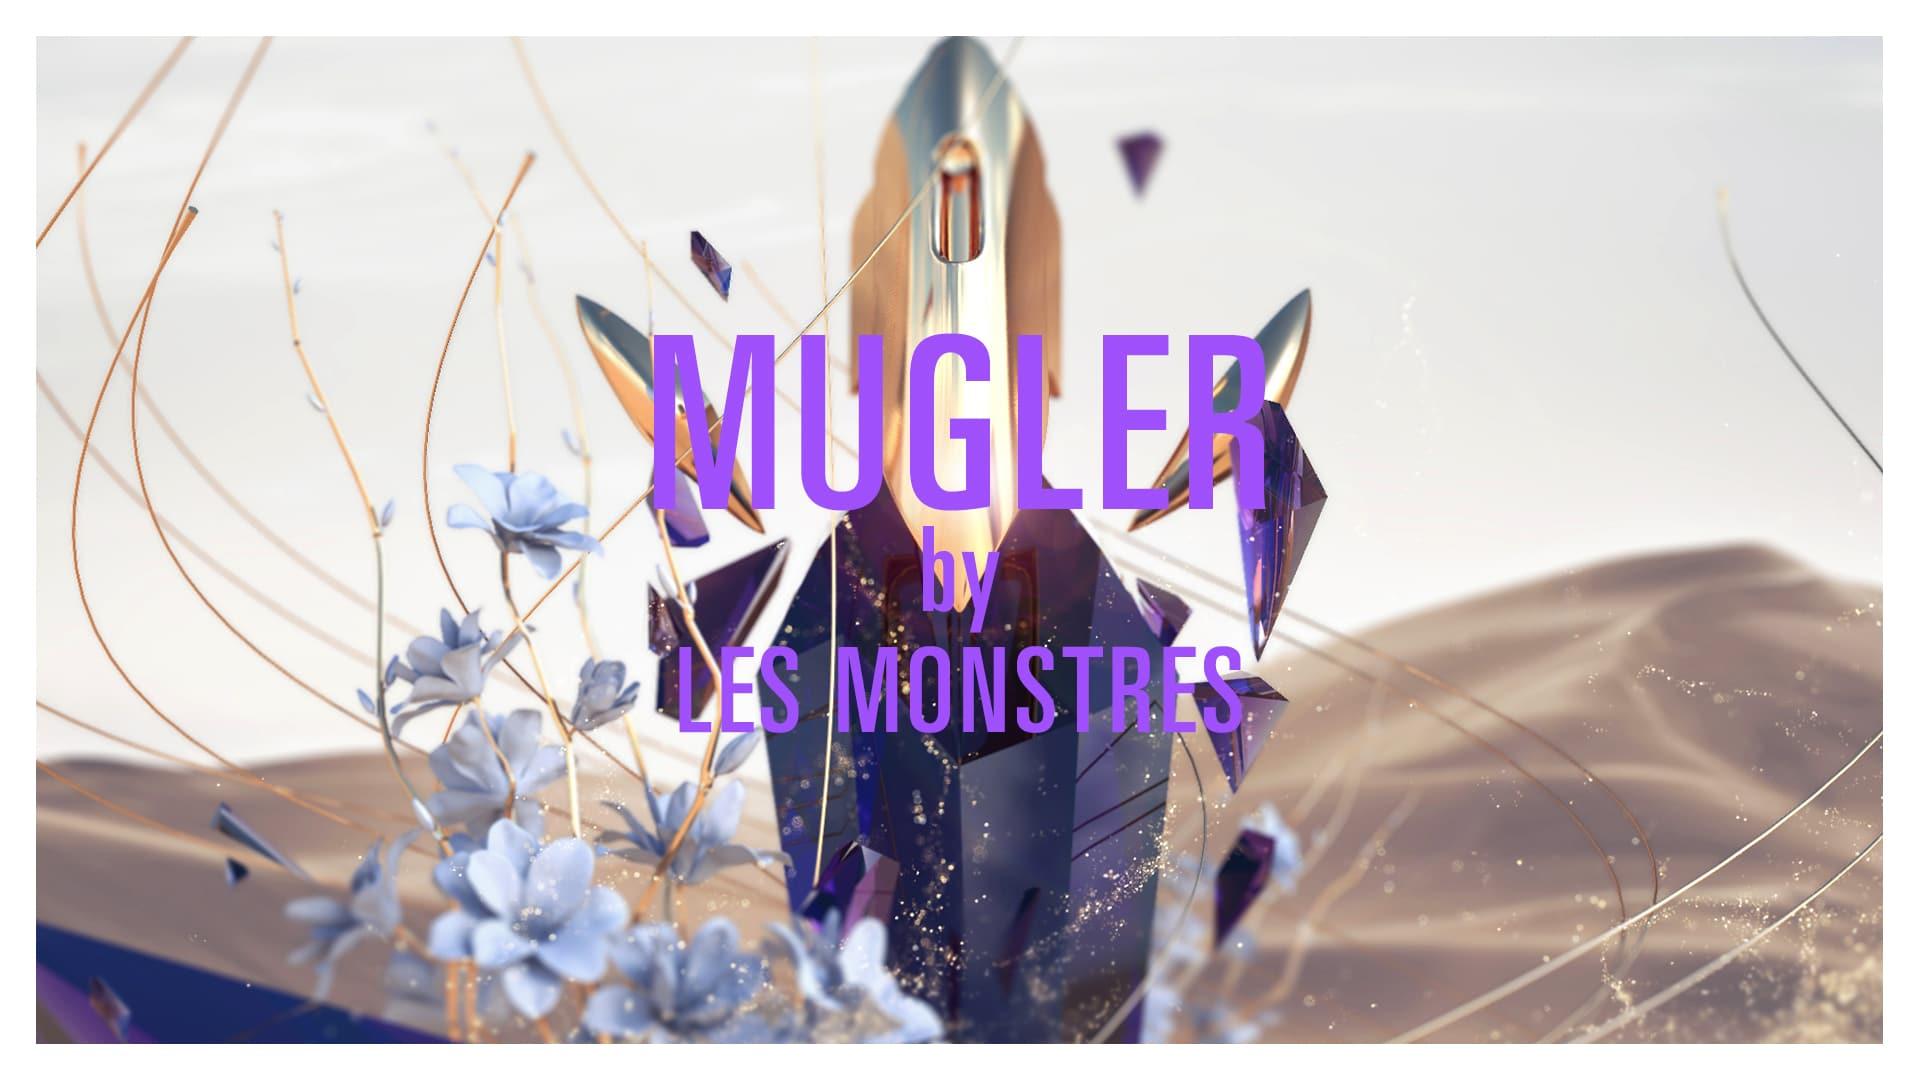 Alien – mugler